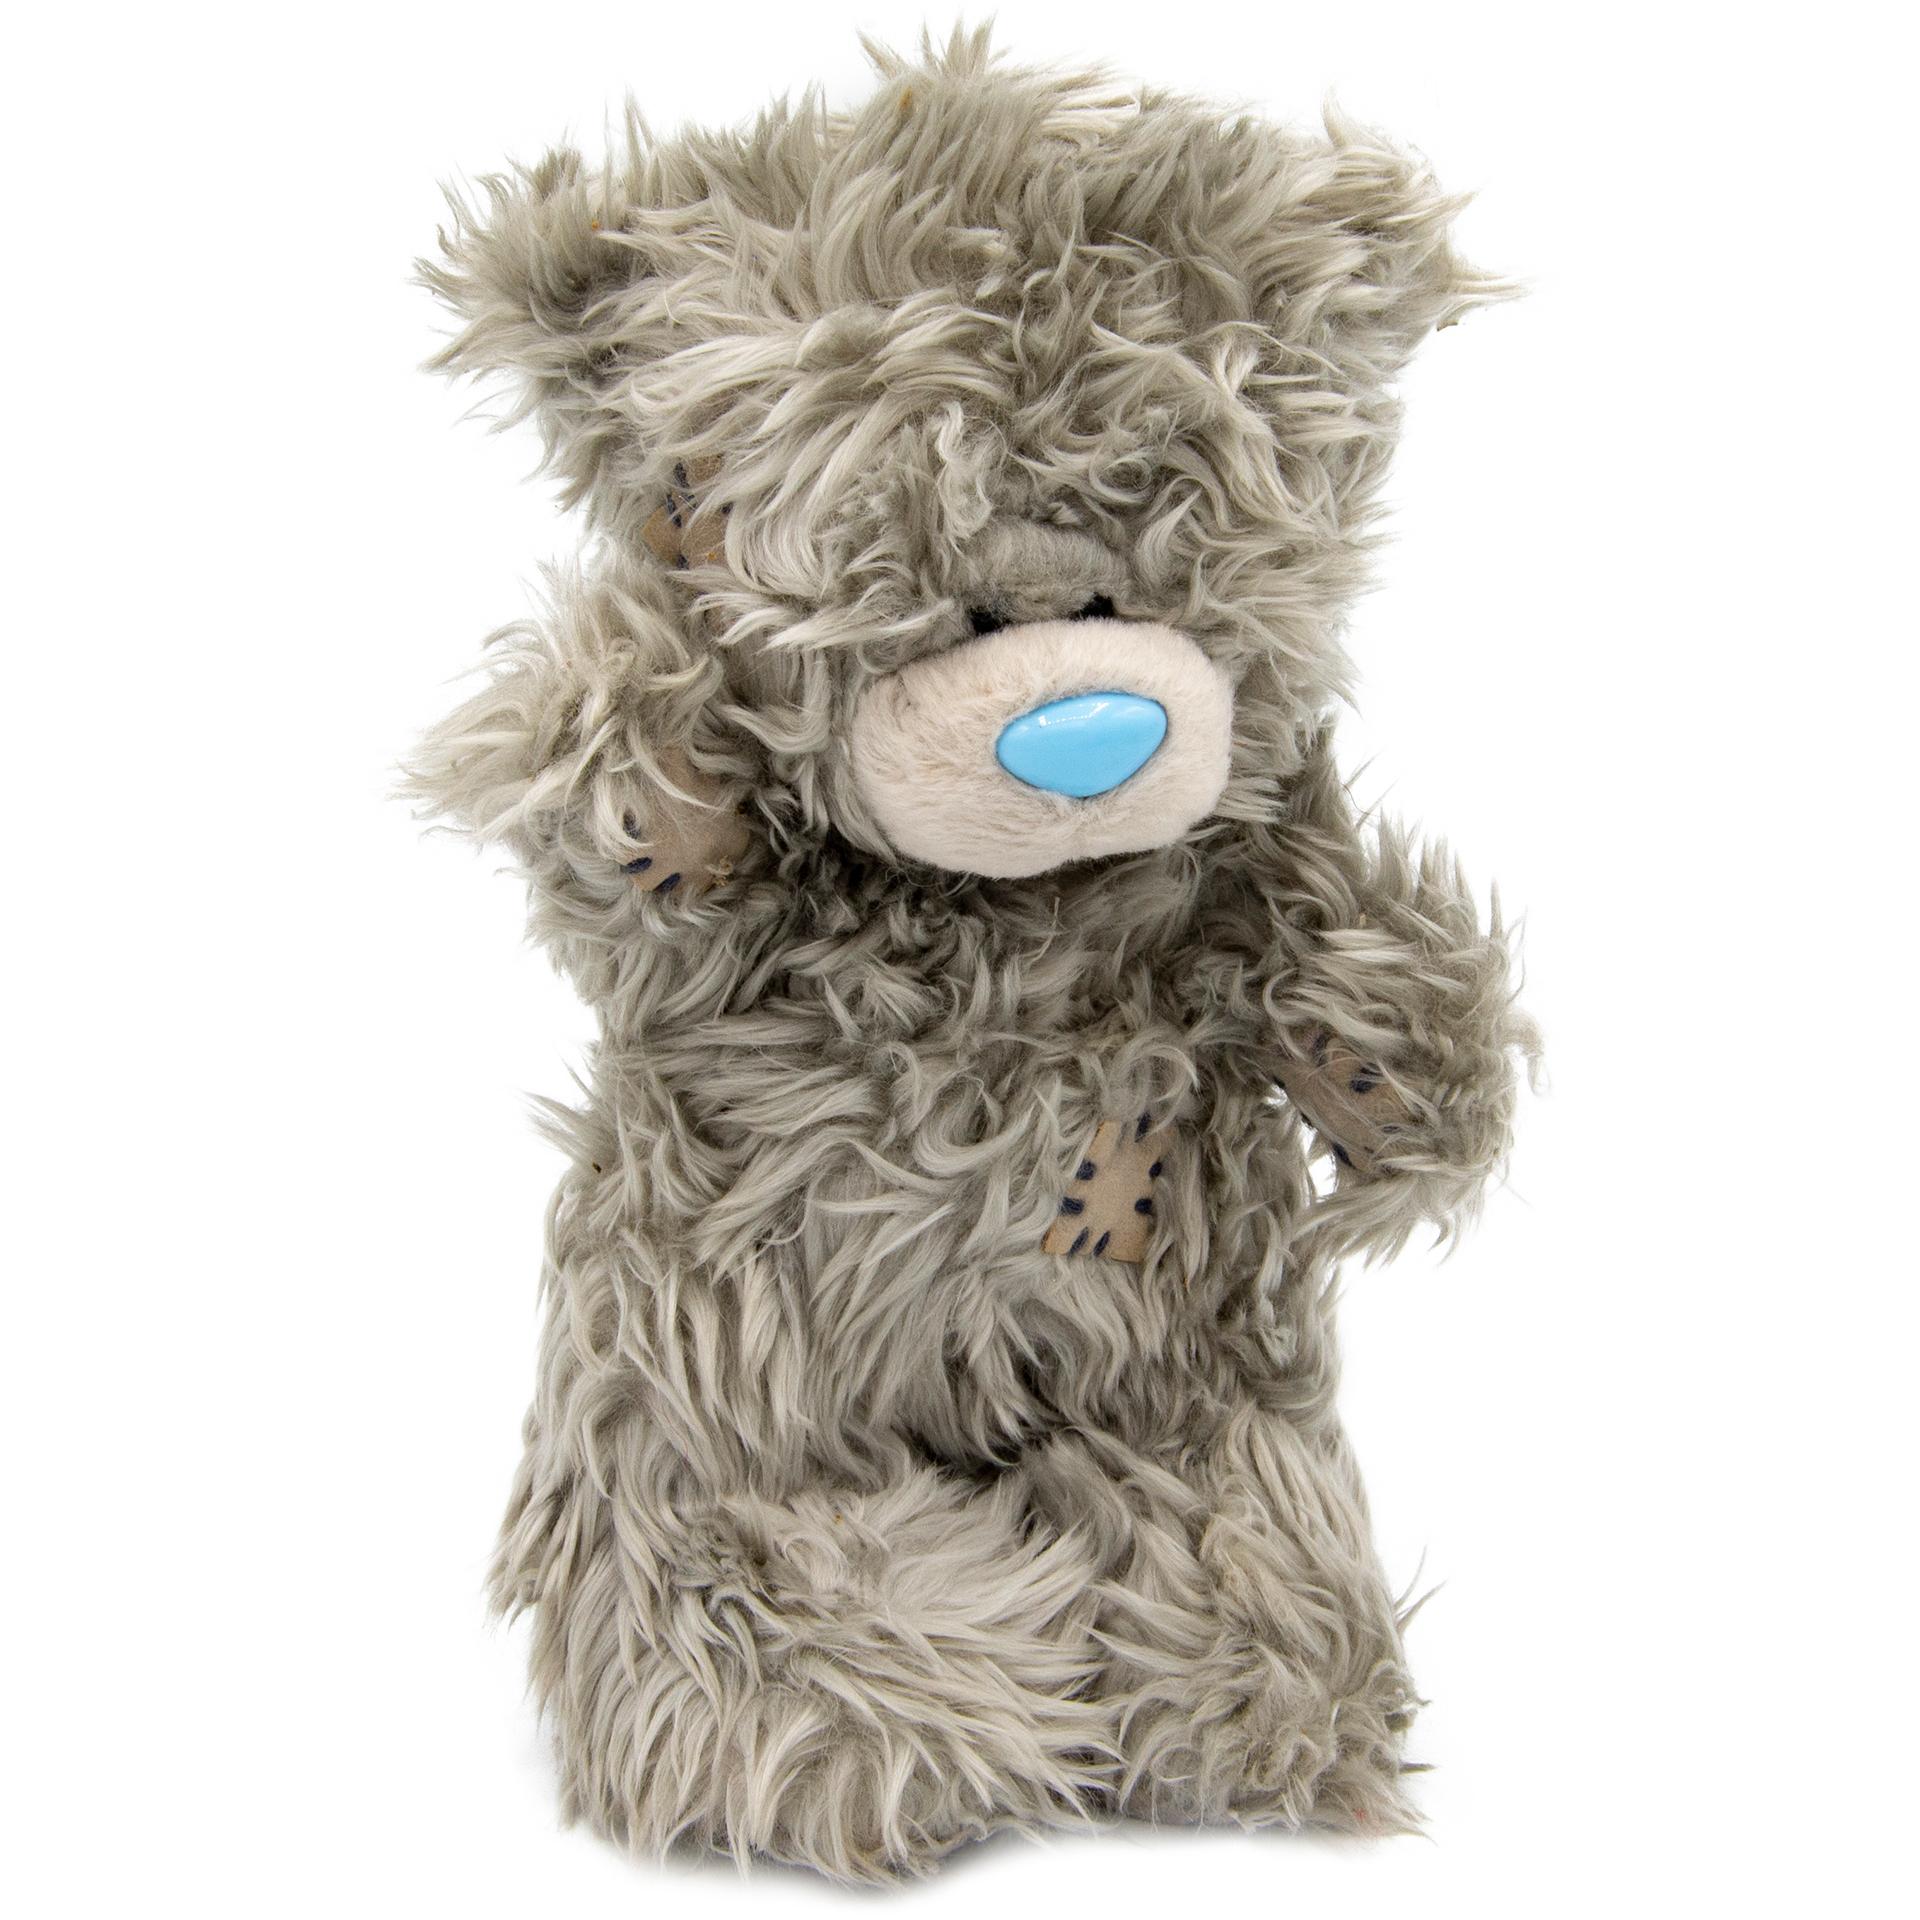 عروسک خرس می تو یو مدل BG11574 ارتفاع 17 سانتی متر